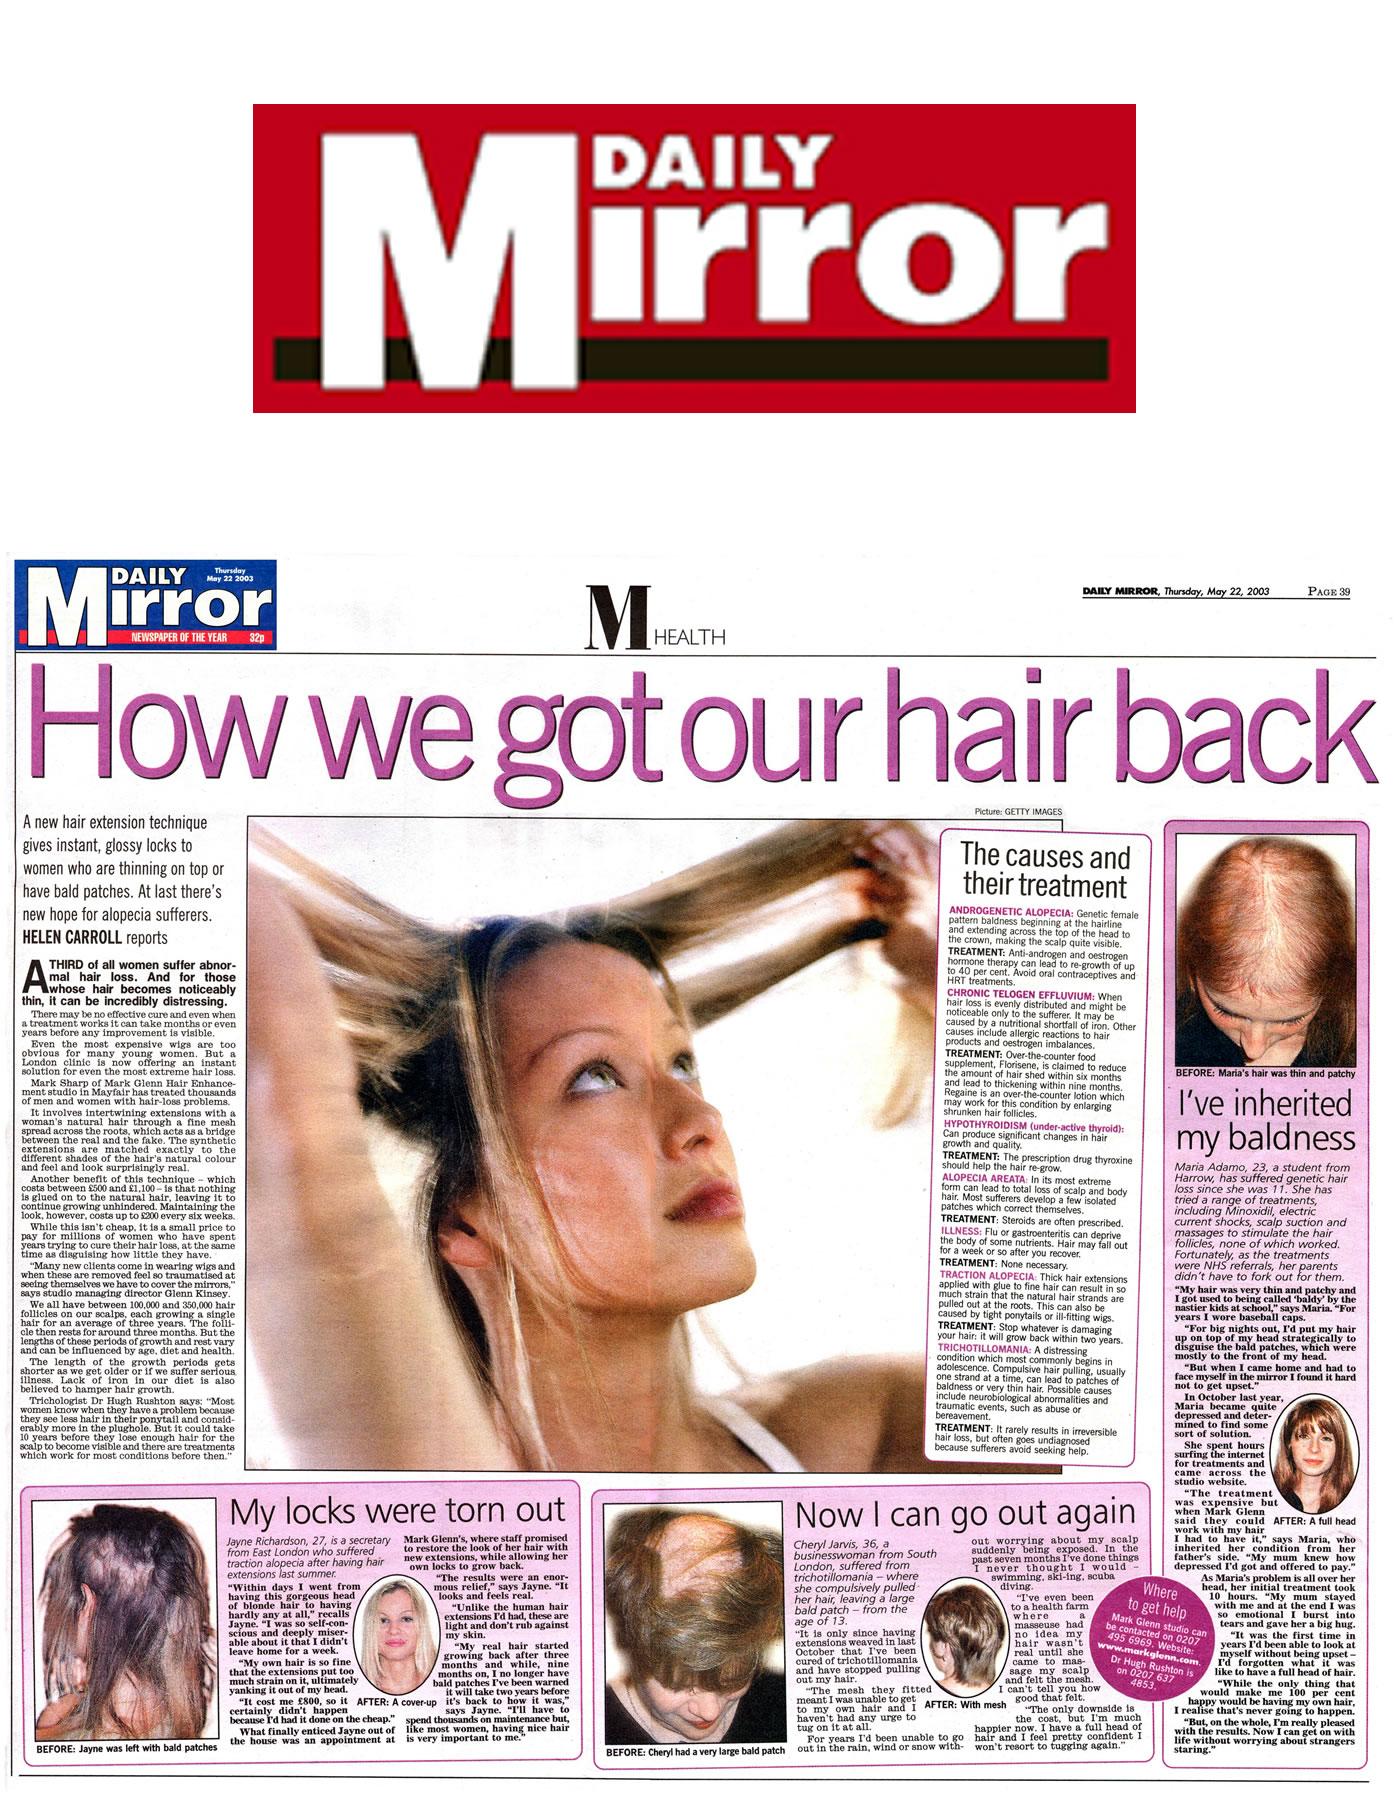 Daily Mirror hails Mark Glenn's female hair loss techniques